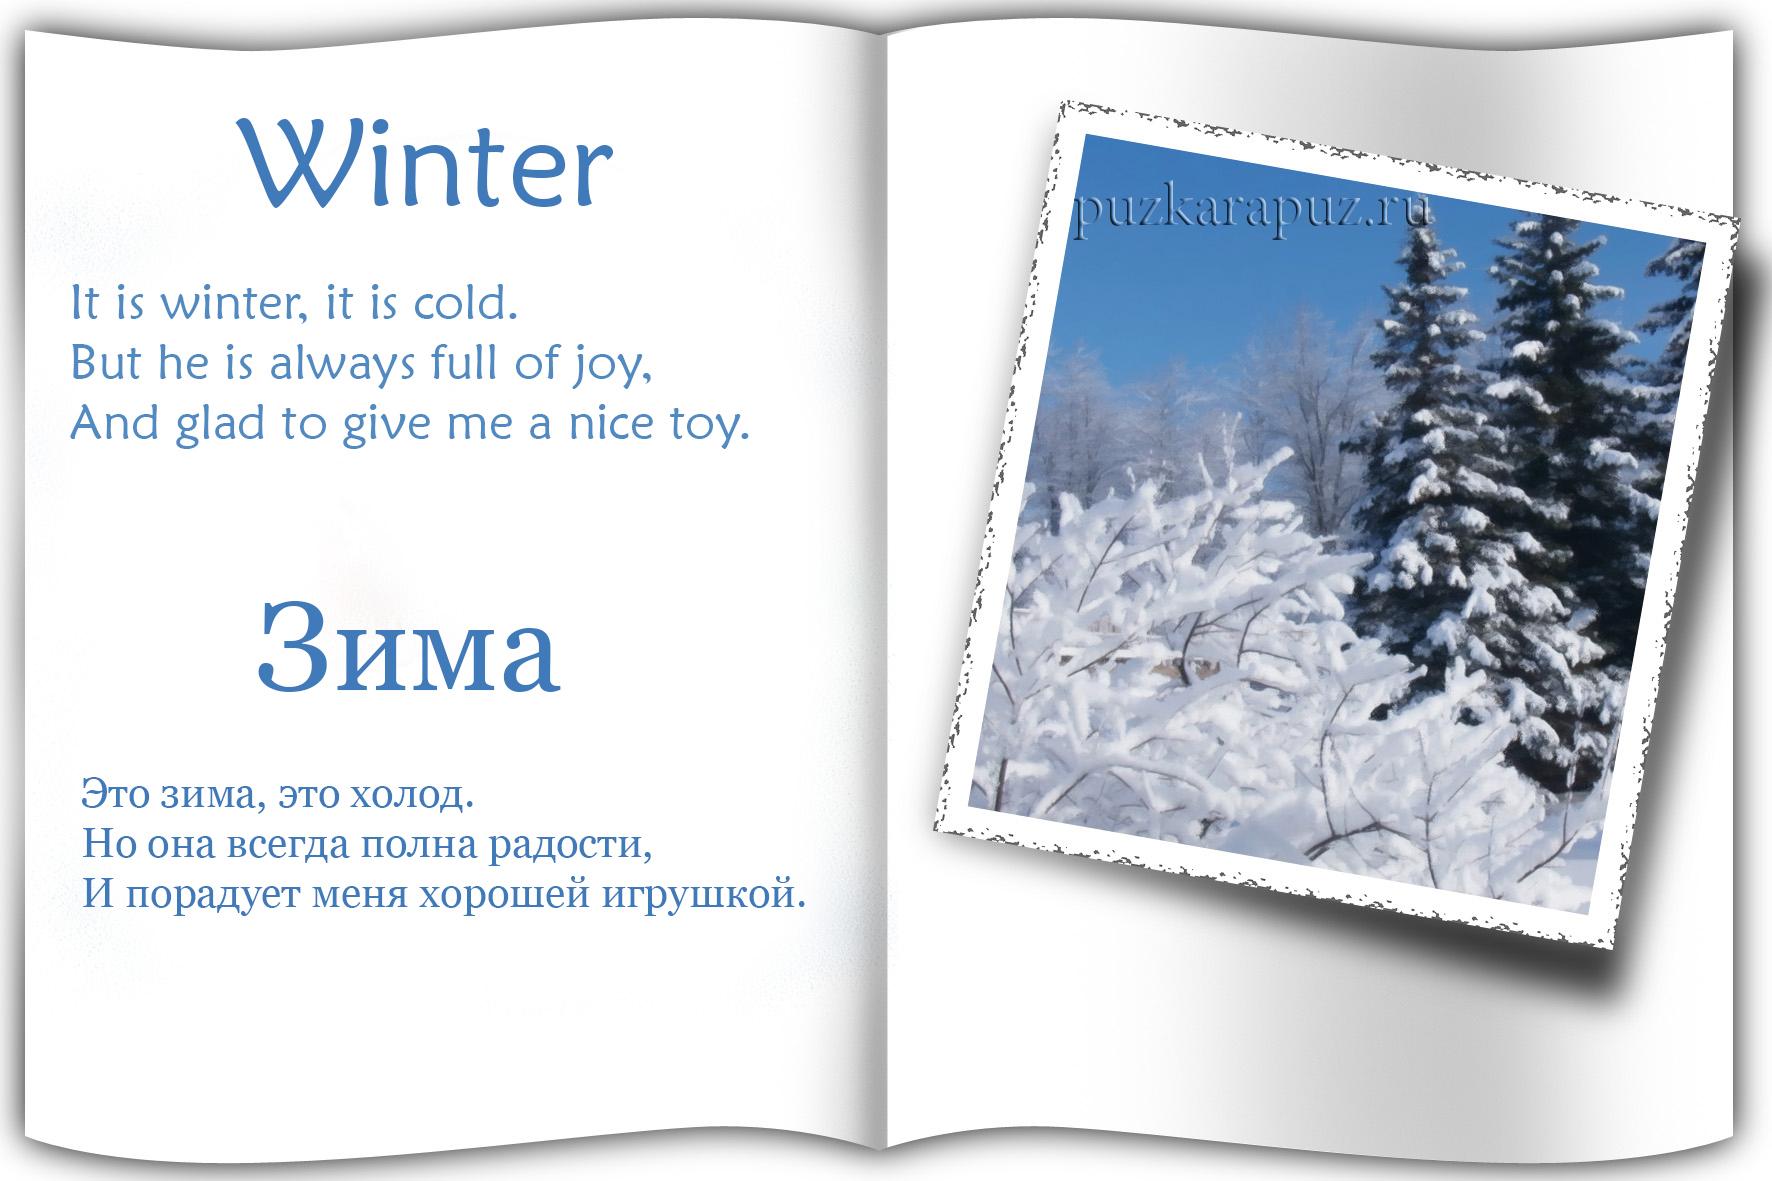 Цитаты на английском про зиму с переводом 146